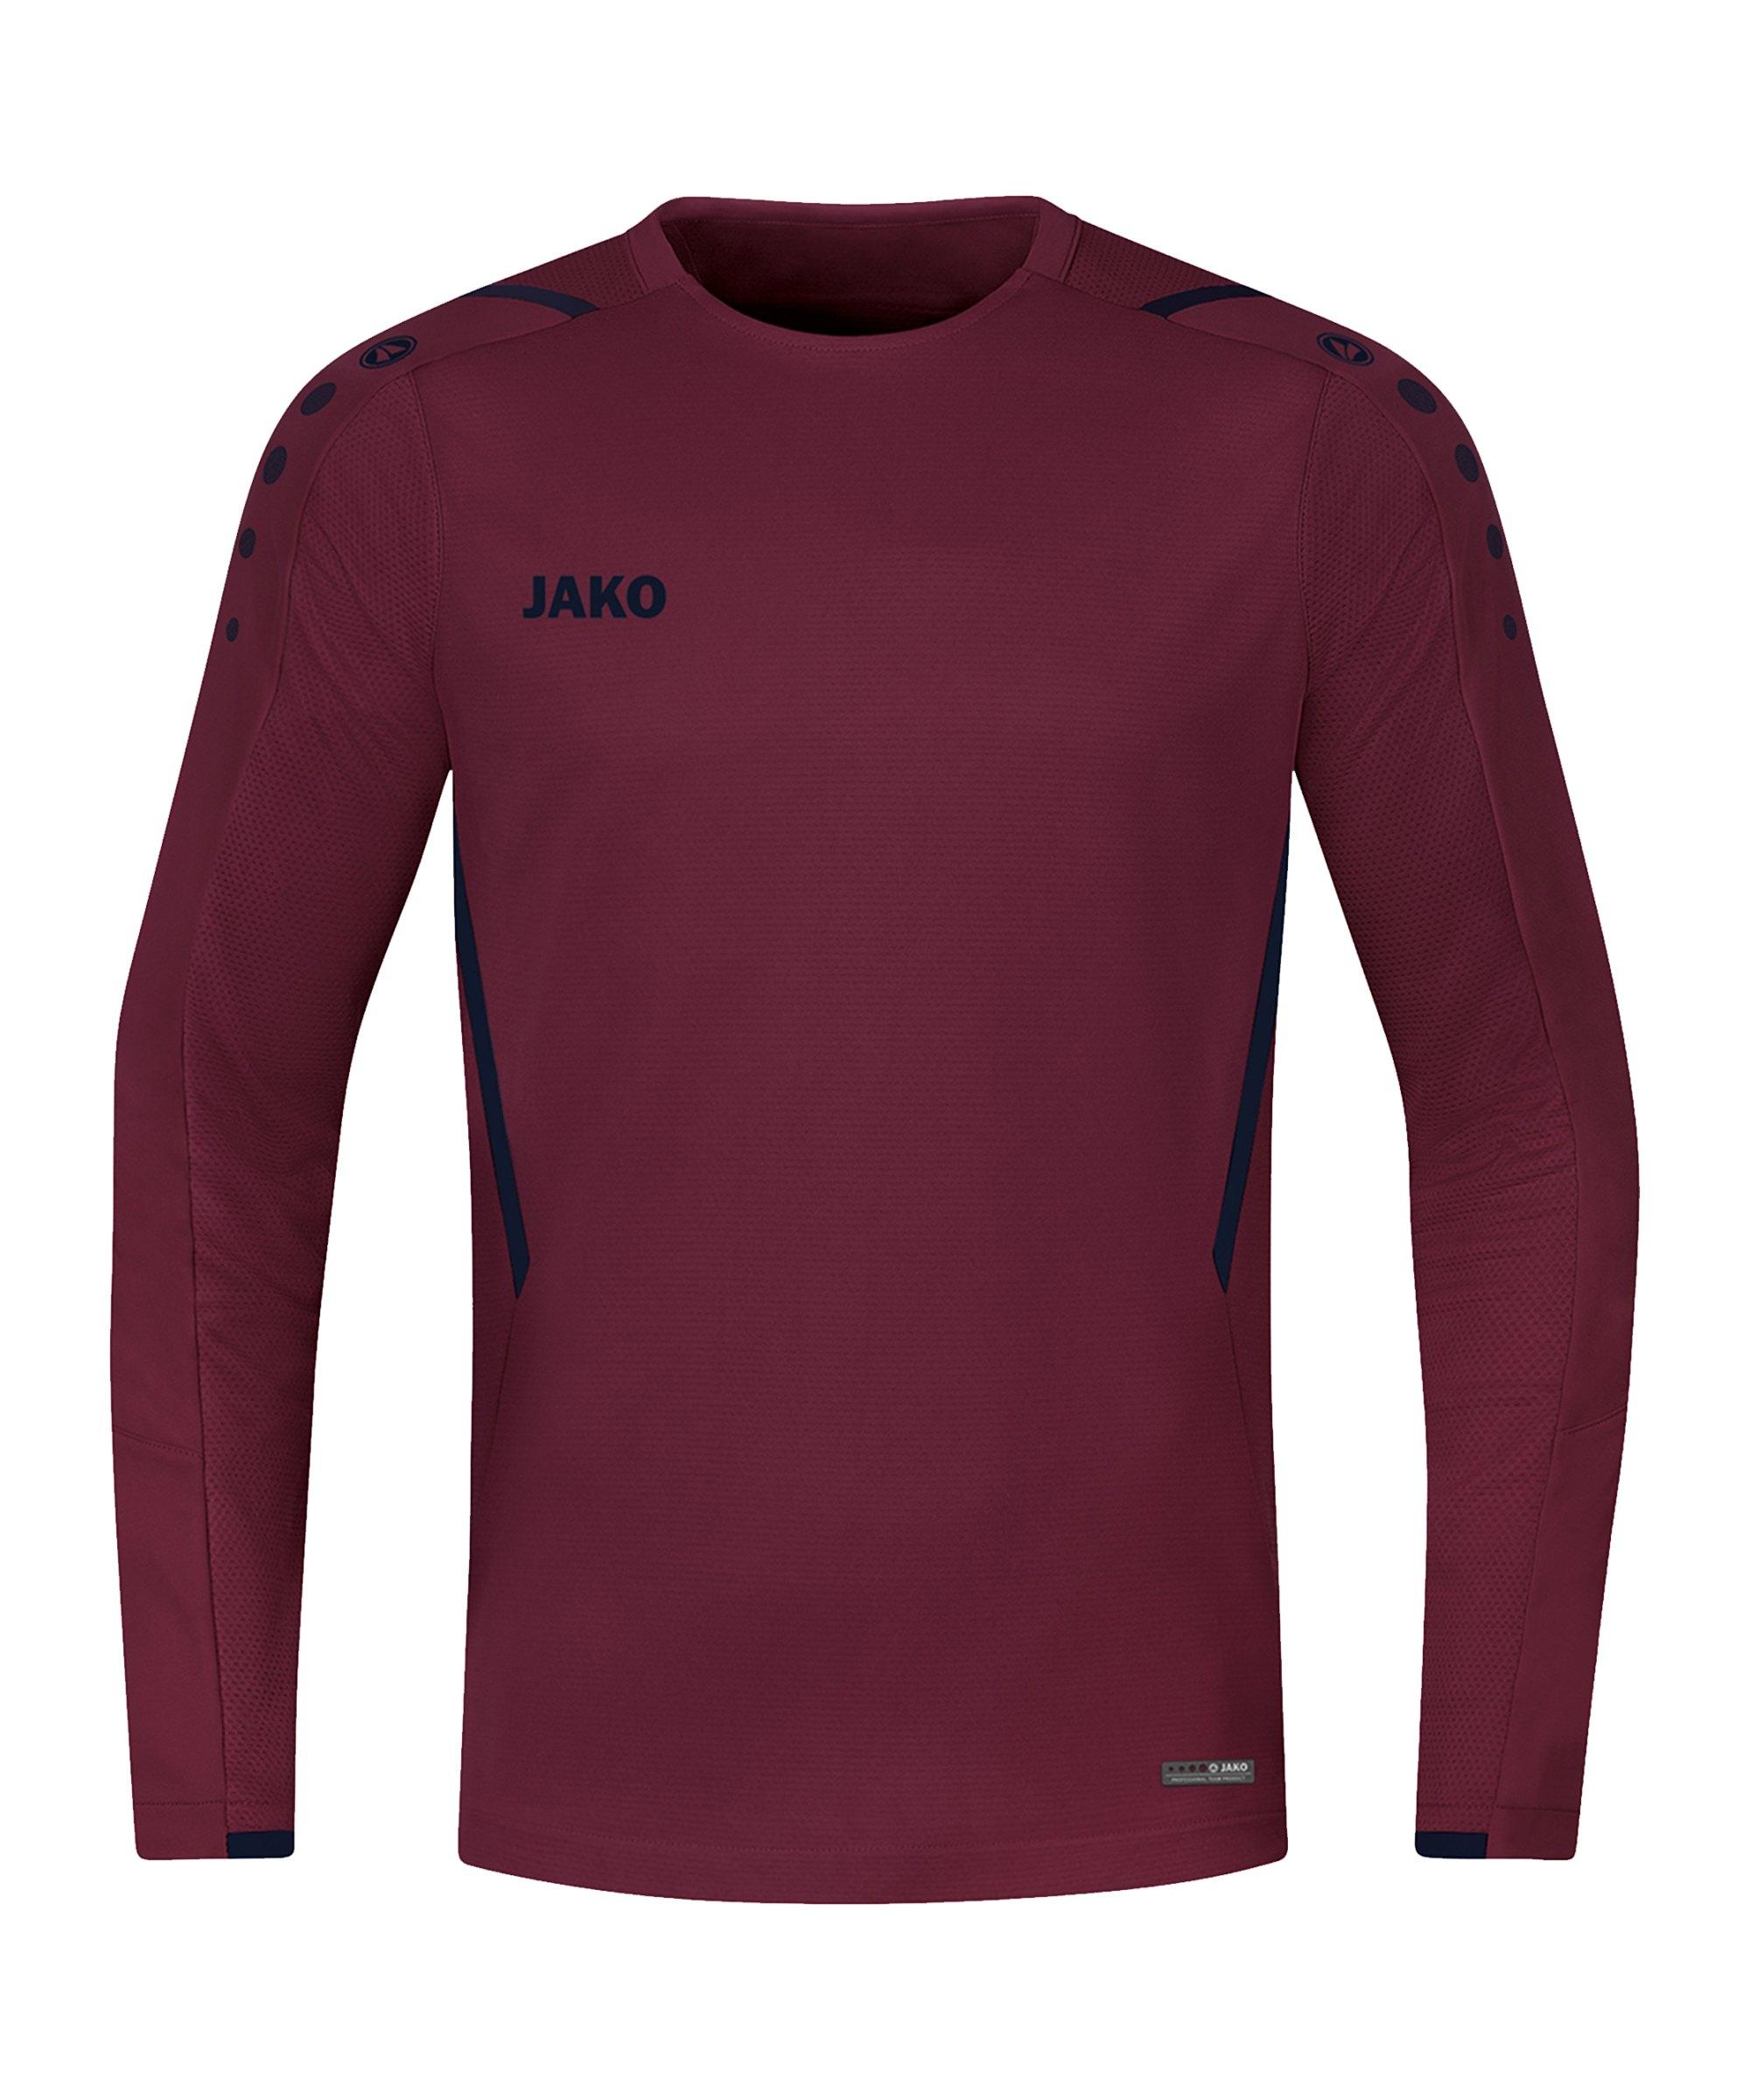 JAKO Challenge Sweatshirt Rot Blau F132 - rot